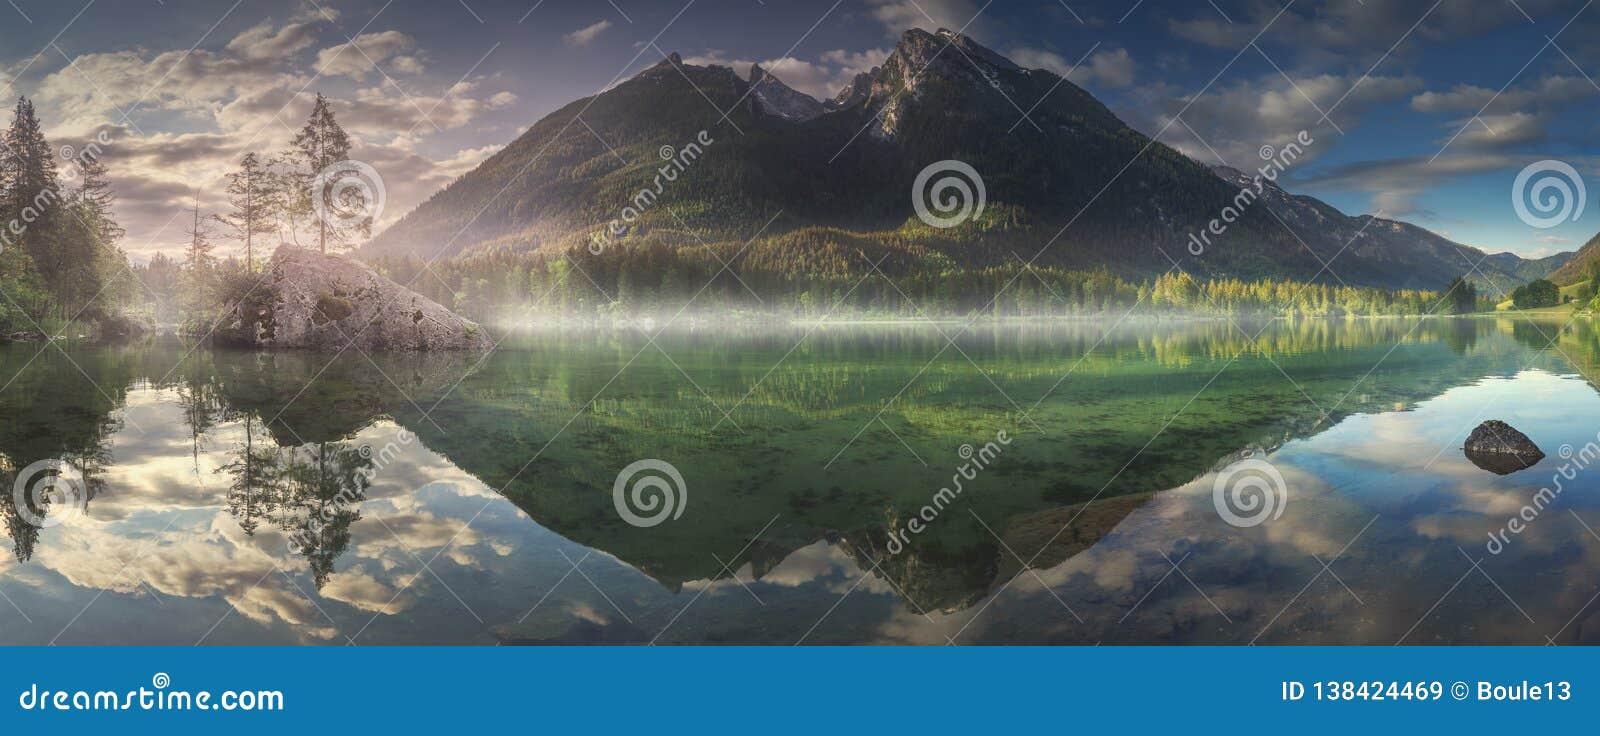 Ansicht von Hintersee See in den bayerischen Alpen, Deutschland